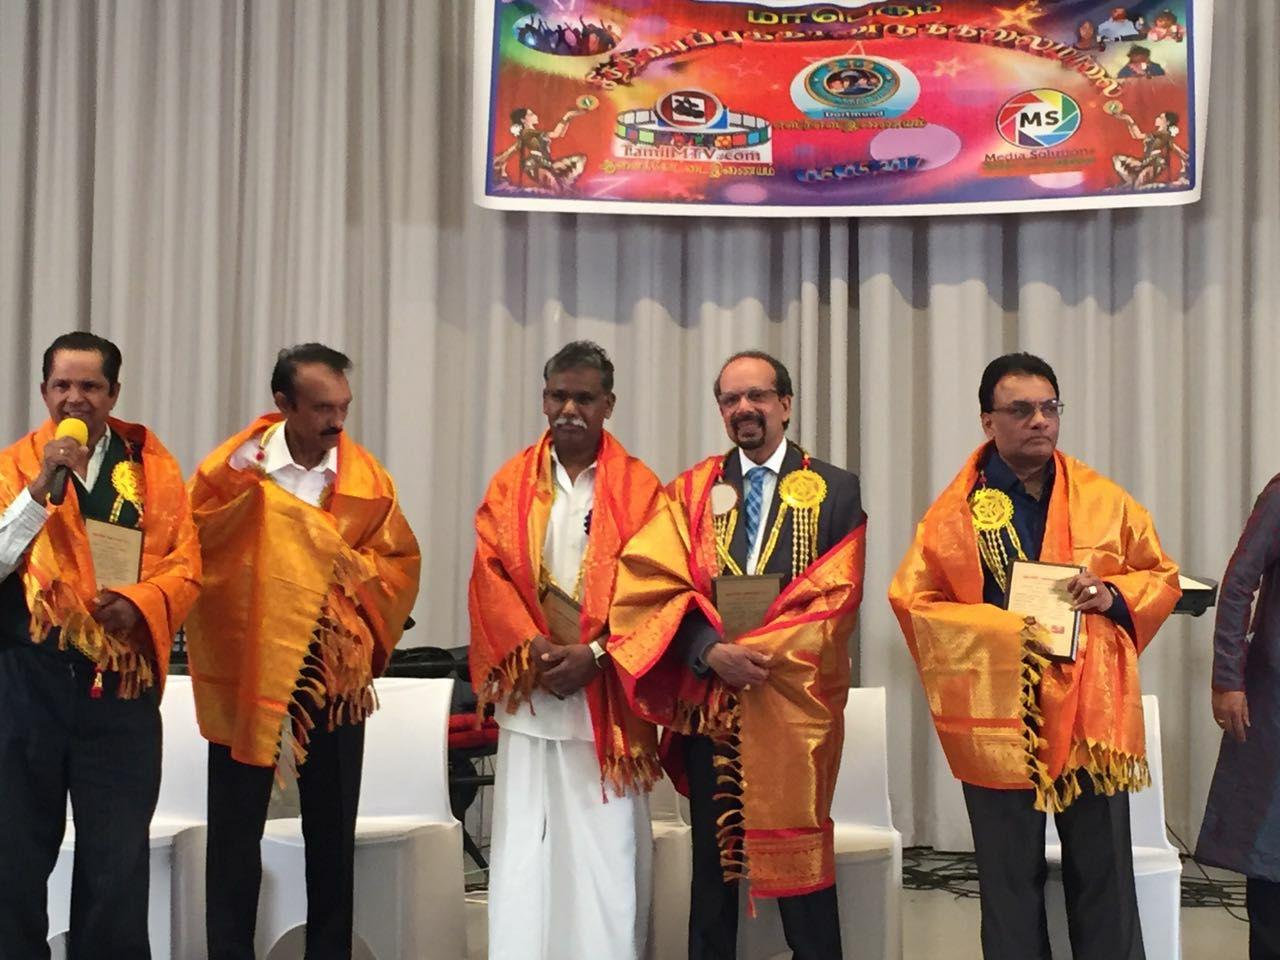 டோட்முண்ட் நகரில் சித்திரைப் புத்தாண்டுக் கலைவிழாவில் ஐந்து சாதனைக் கலைஞர்கள் கௌரவிப்பு